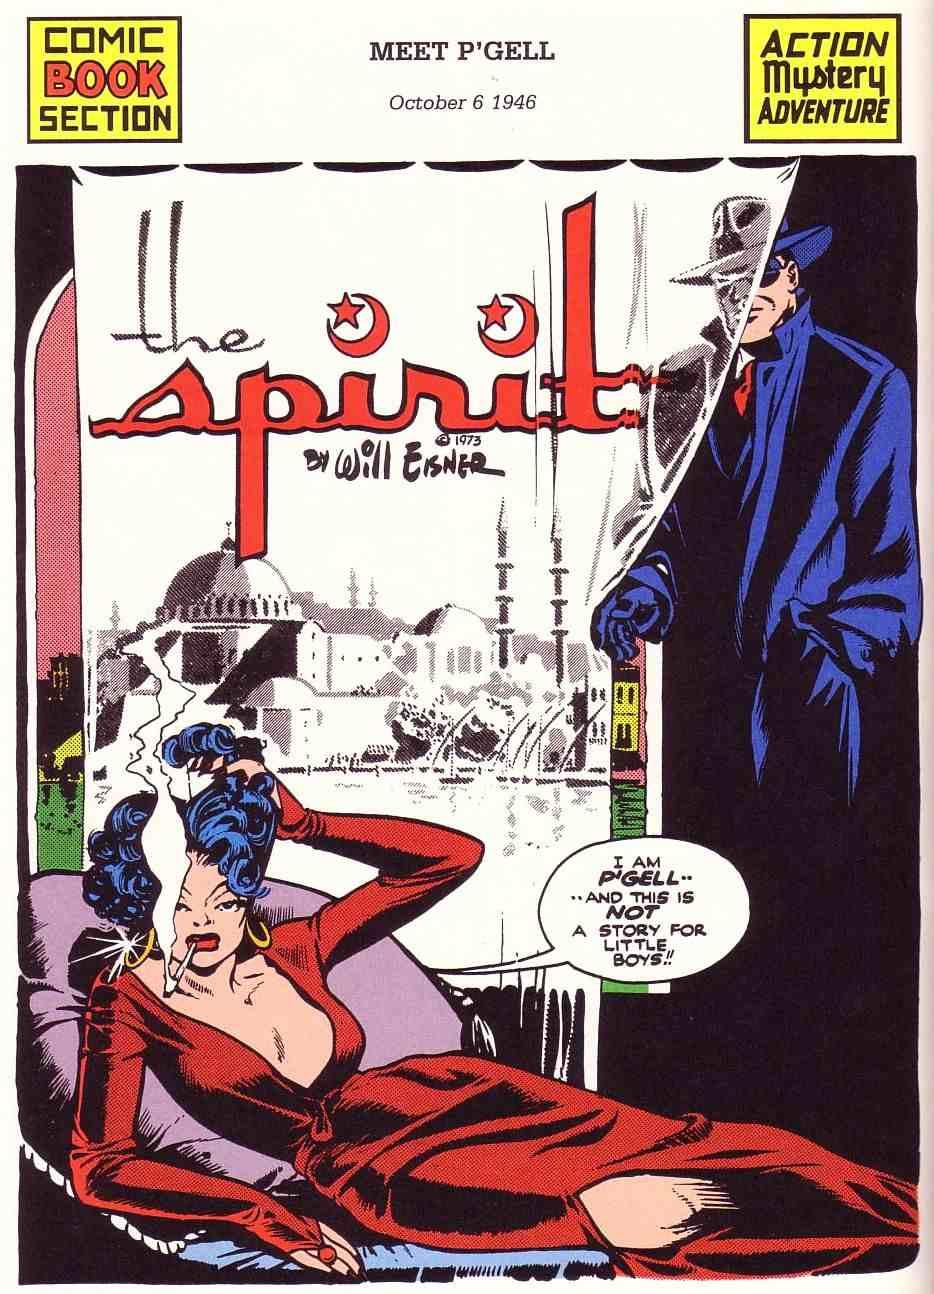 El arte del comic y la ilustración Will-e10